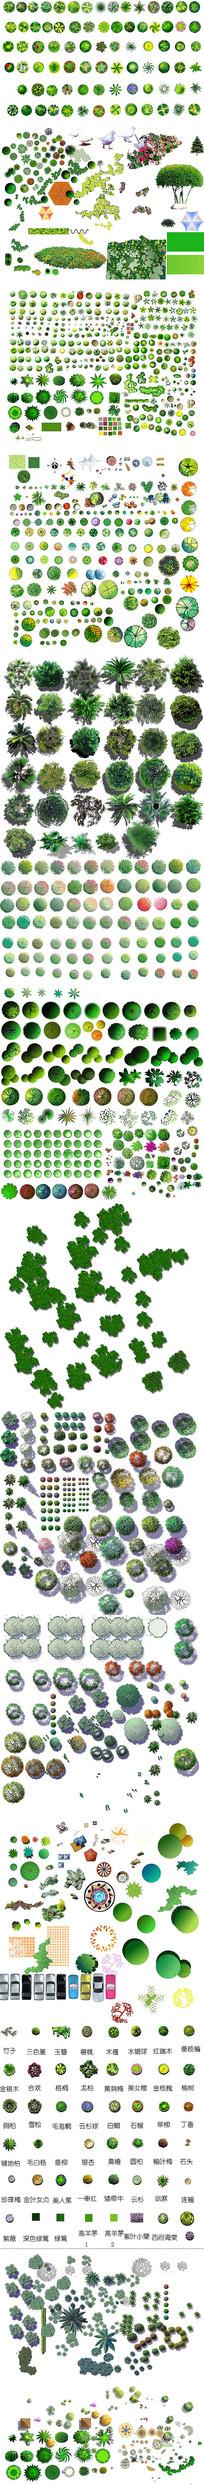 小清新彩色总平面彩植物PSD分层后期 PSD